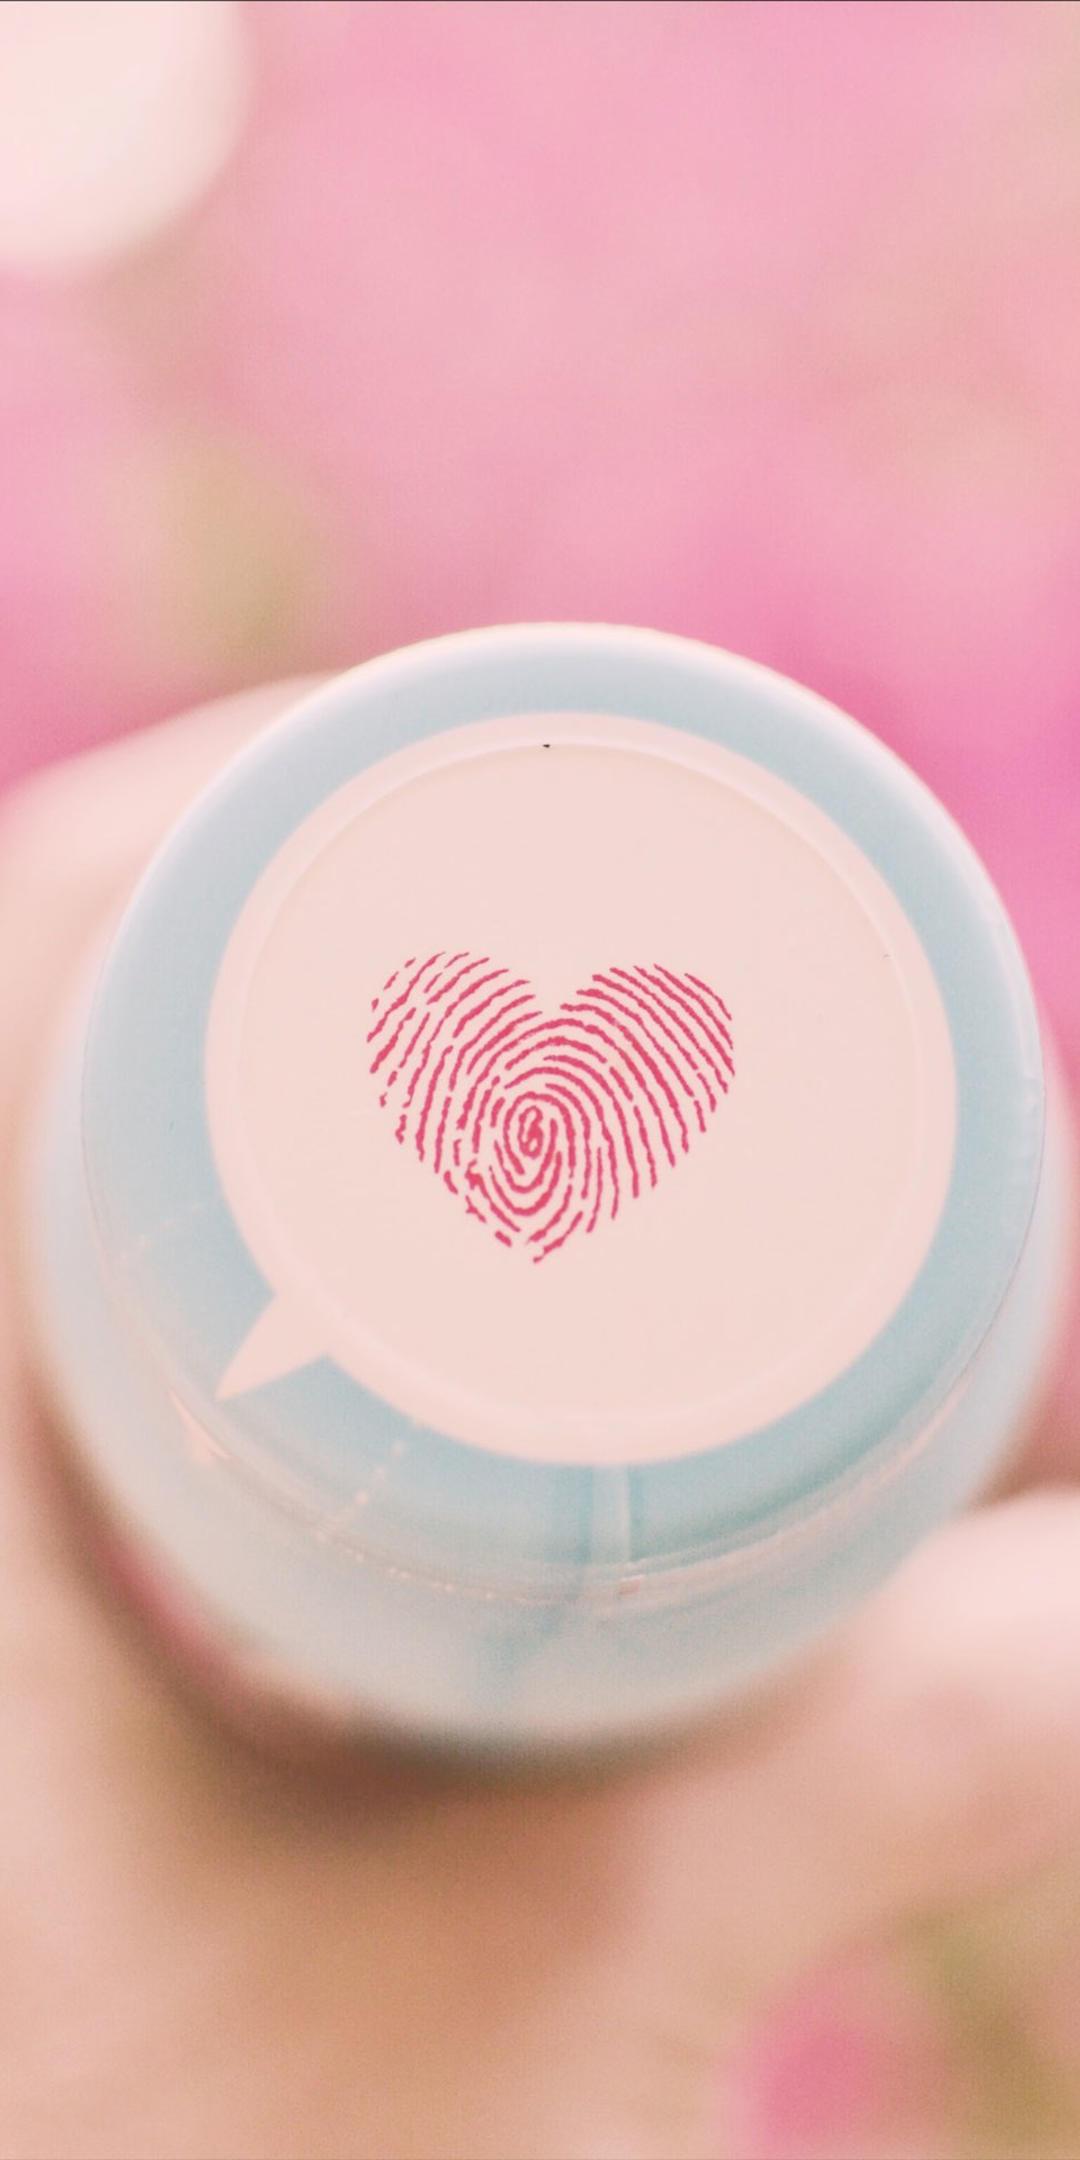 5e67b8945bf33 - 粉色系少女心手机壁纸